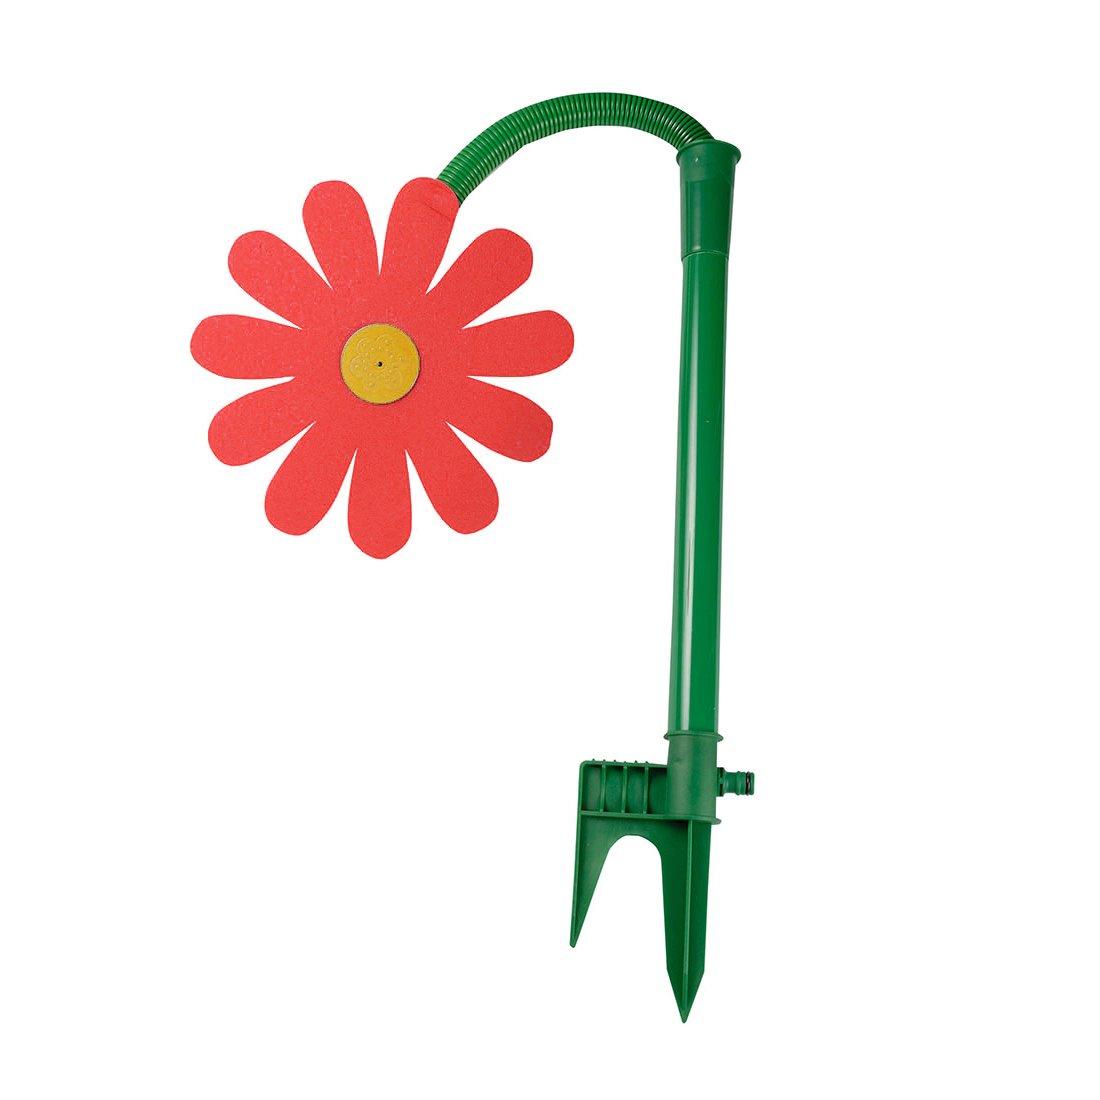 Jardin Gazon//Arroseur Jet Crazy Daisy Wacky Fleur enfants d/ét/é Eau jouet